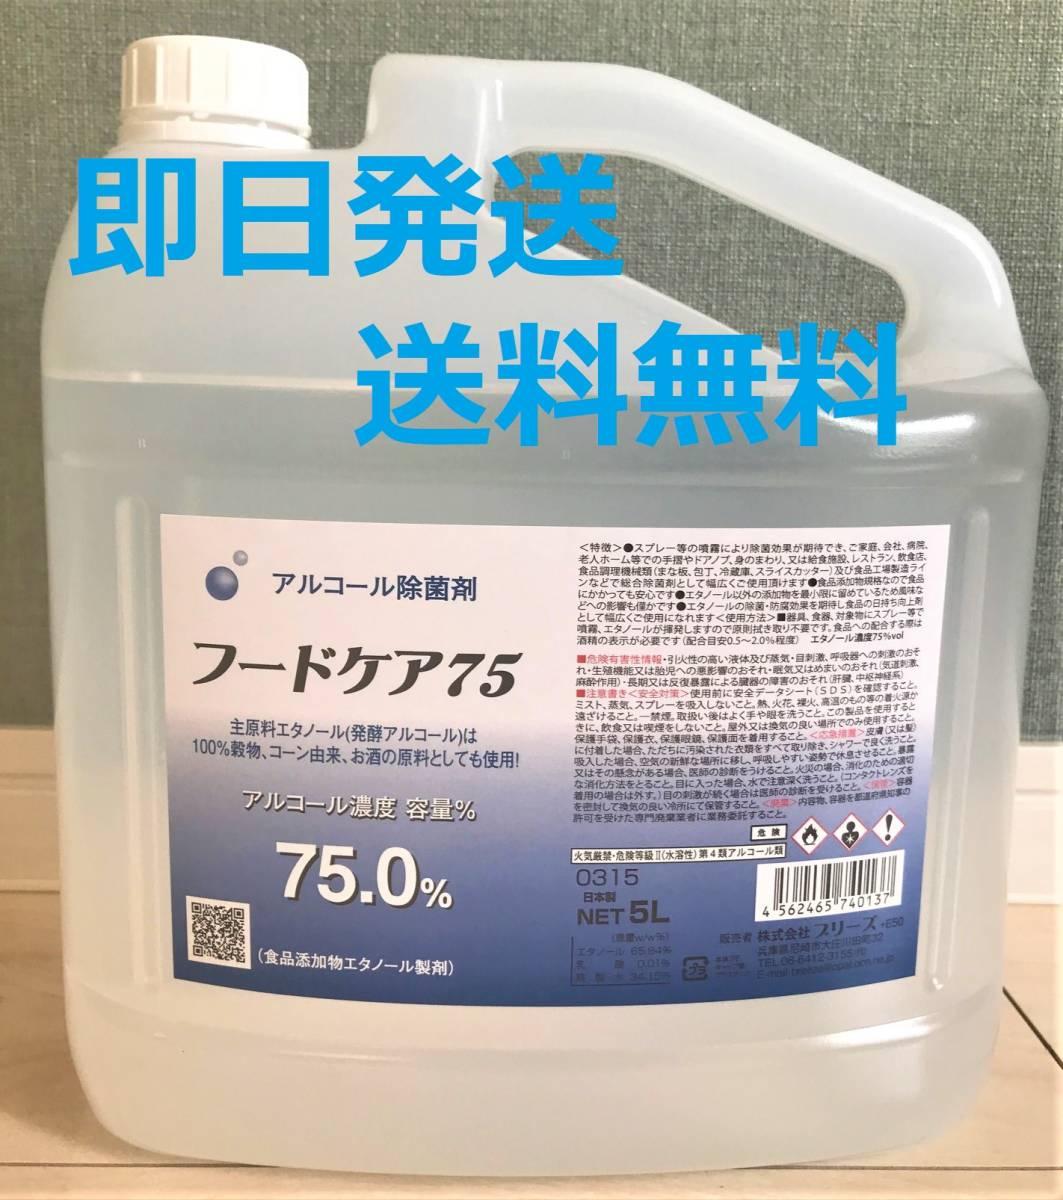 ■日本製■⑦高濃度75% エタノール 手指消毒 アルコール除菌剤 消毒液 5L ウイルス対策 食品添加物